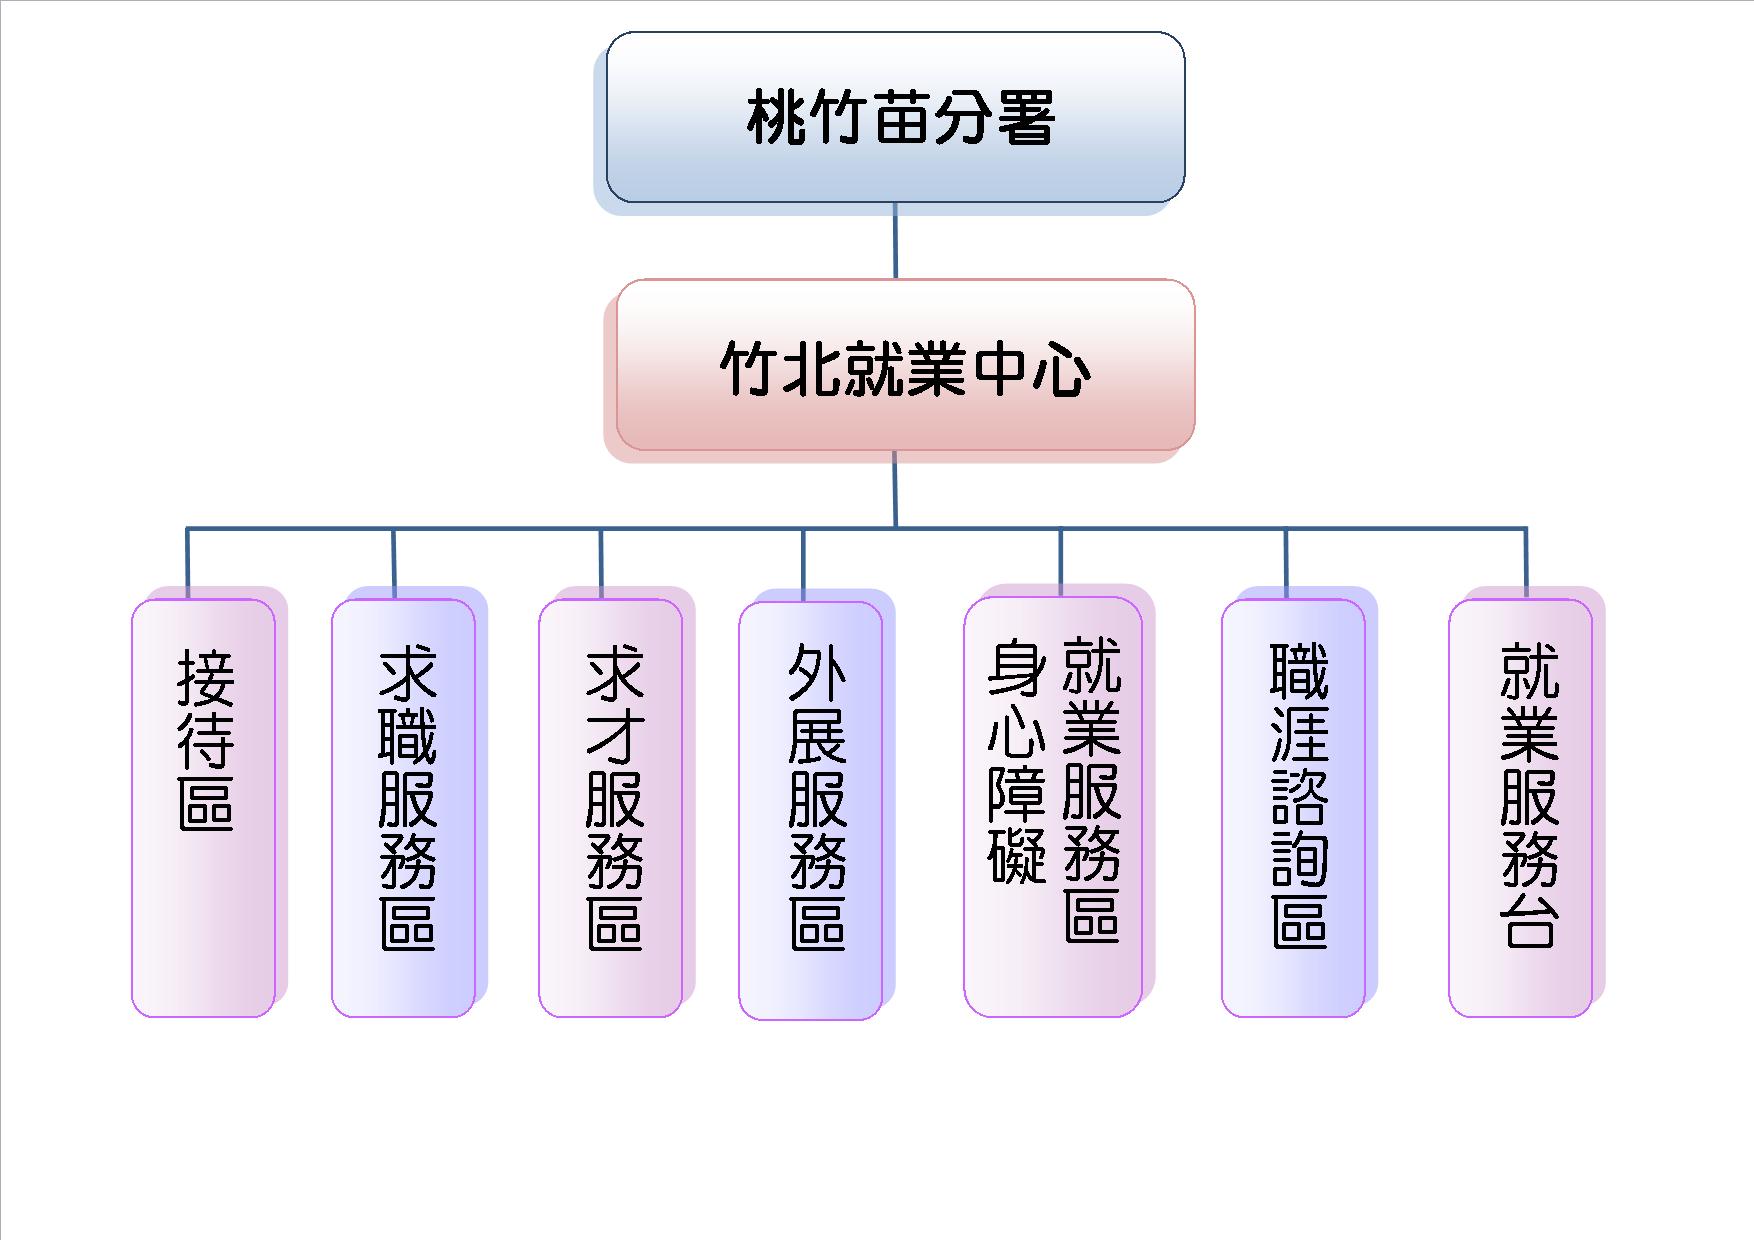 竹北就業中心組織架構圖